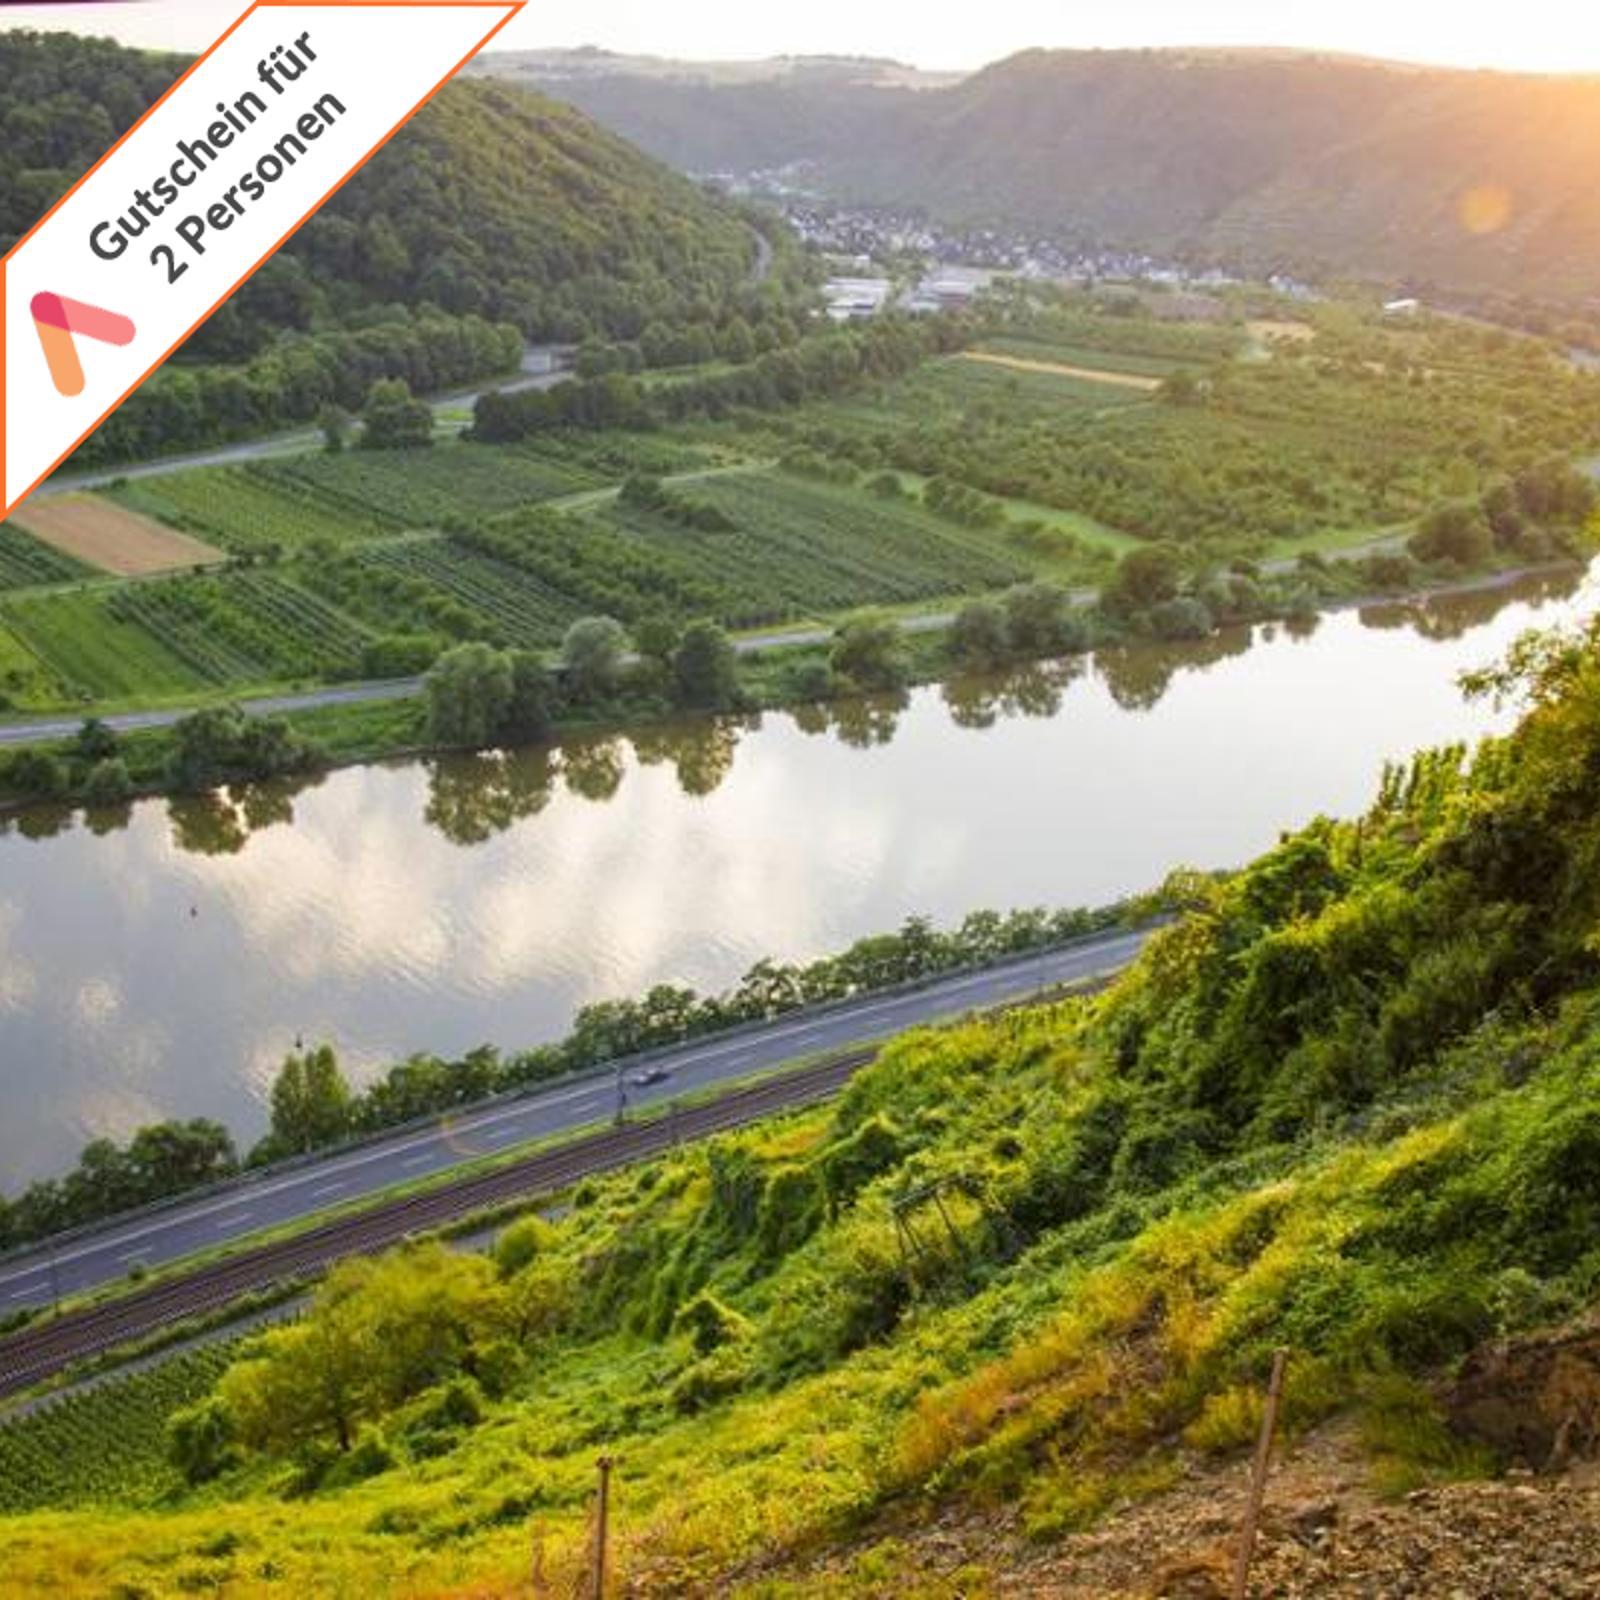 Wellness Kurzreise Koblenz Lahnstein 4 Tage 2 Personen Wyndham Hotel Gutschein